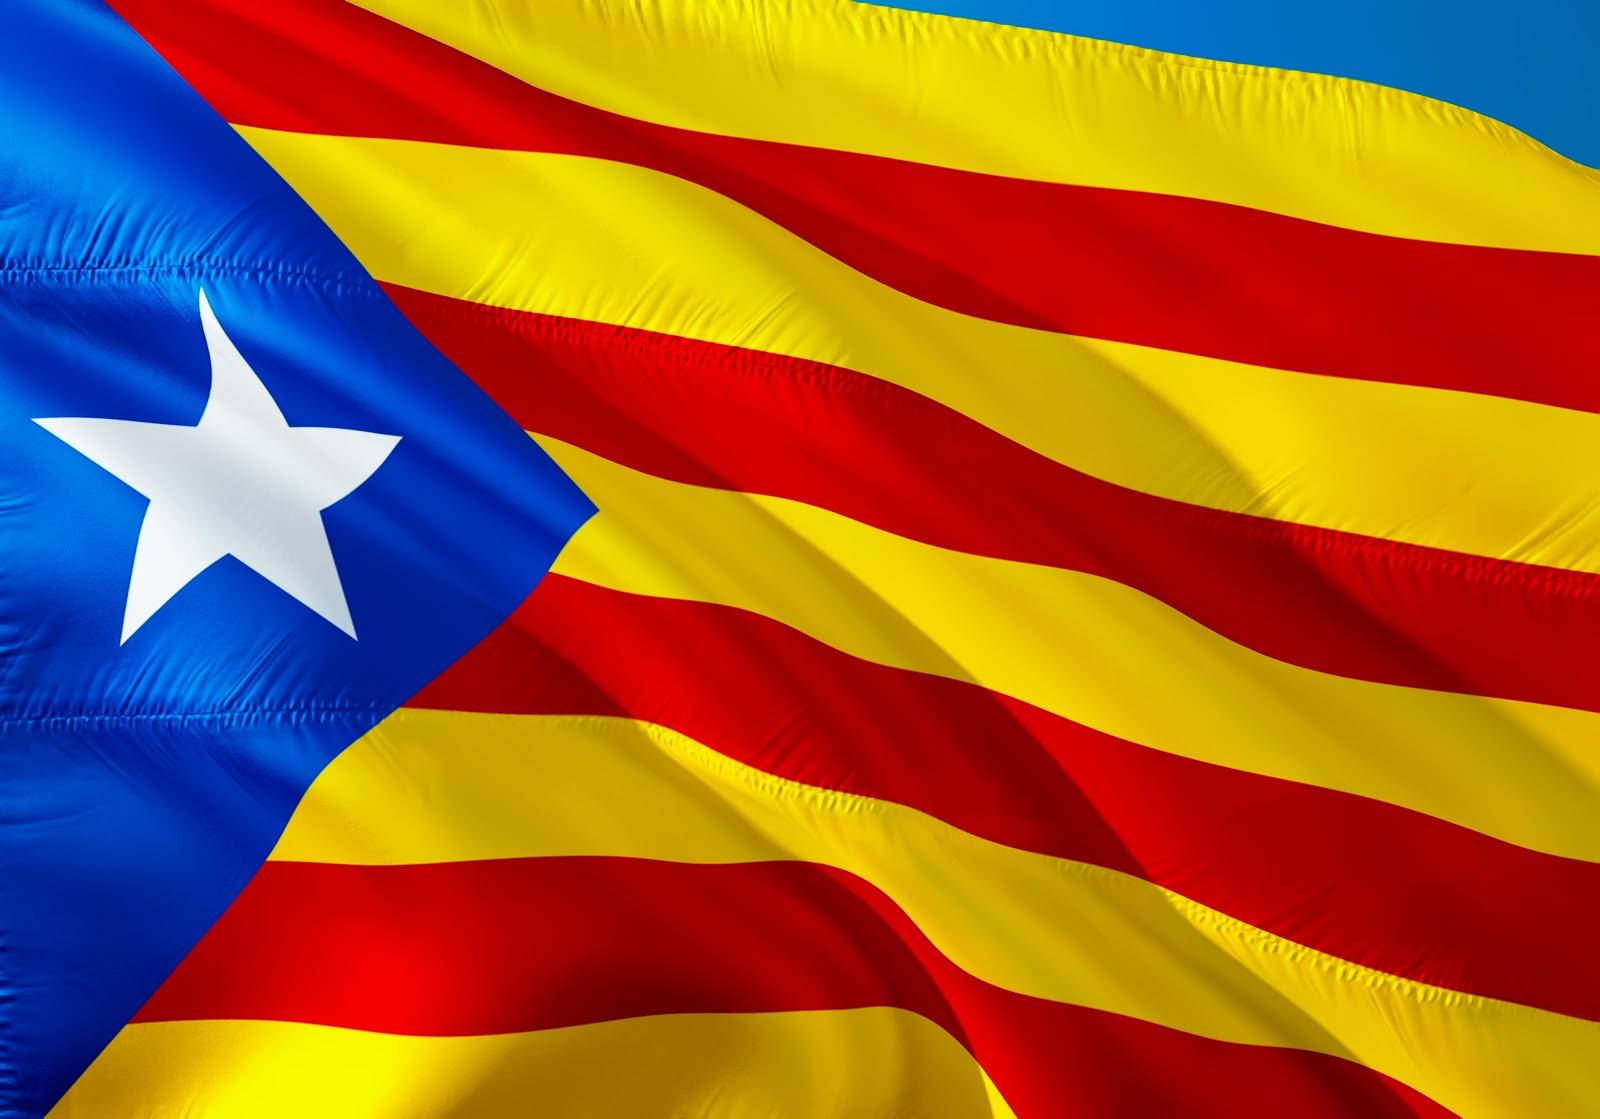 Änderungen der Margin-Anforderungen im Zuge der Rede des katalanischen Präsidenten